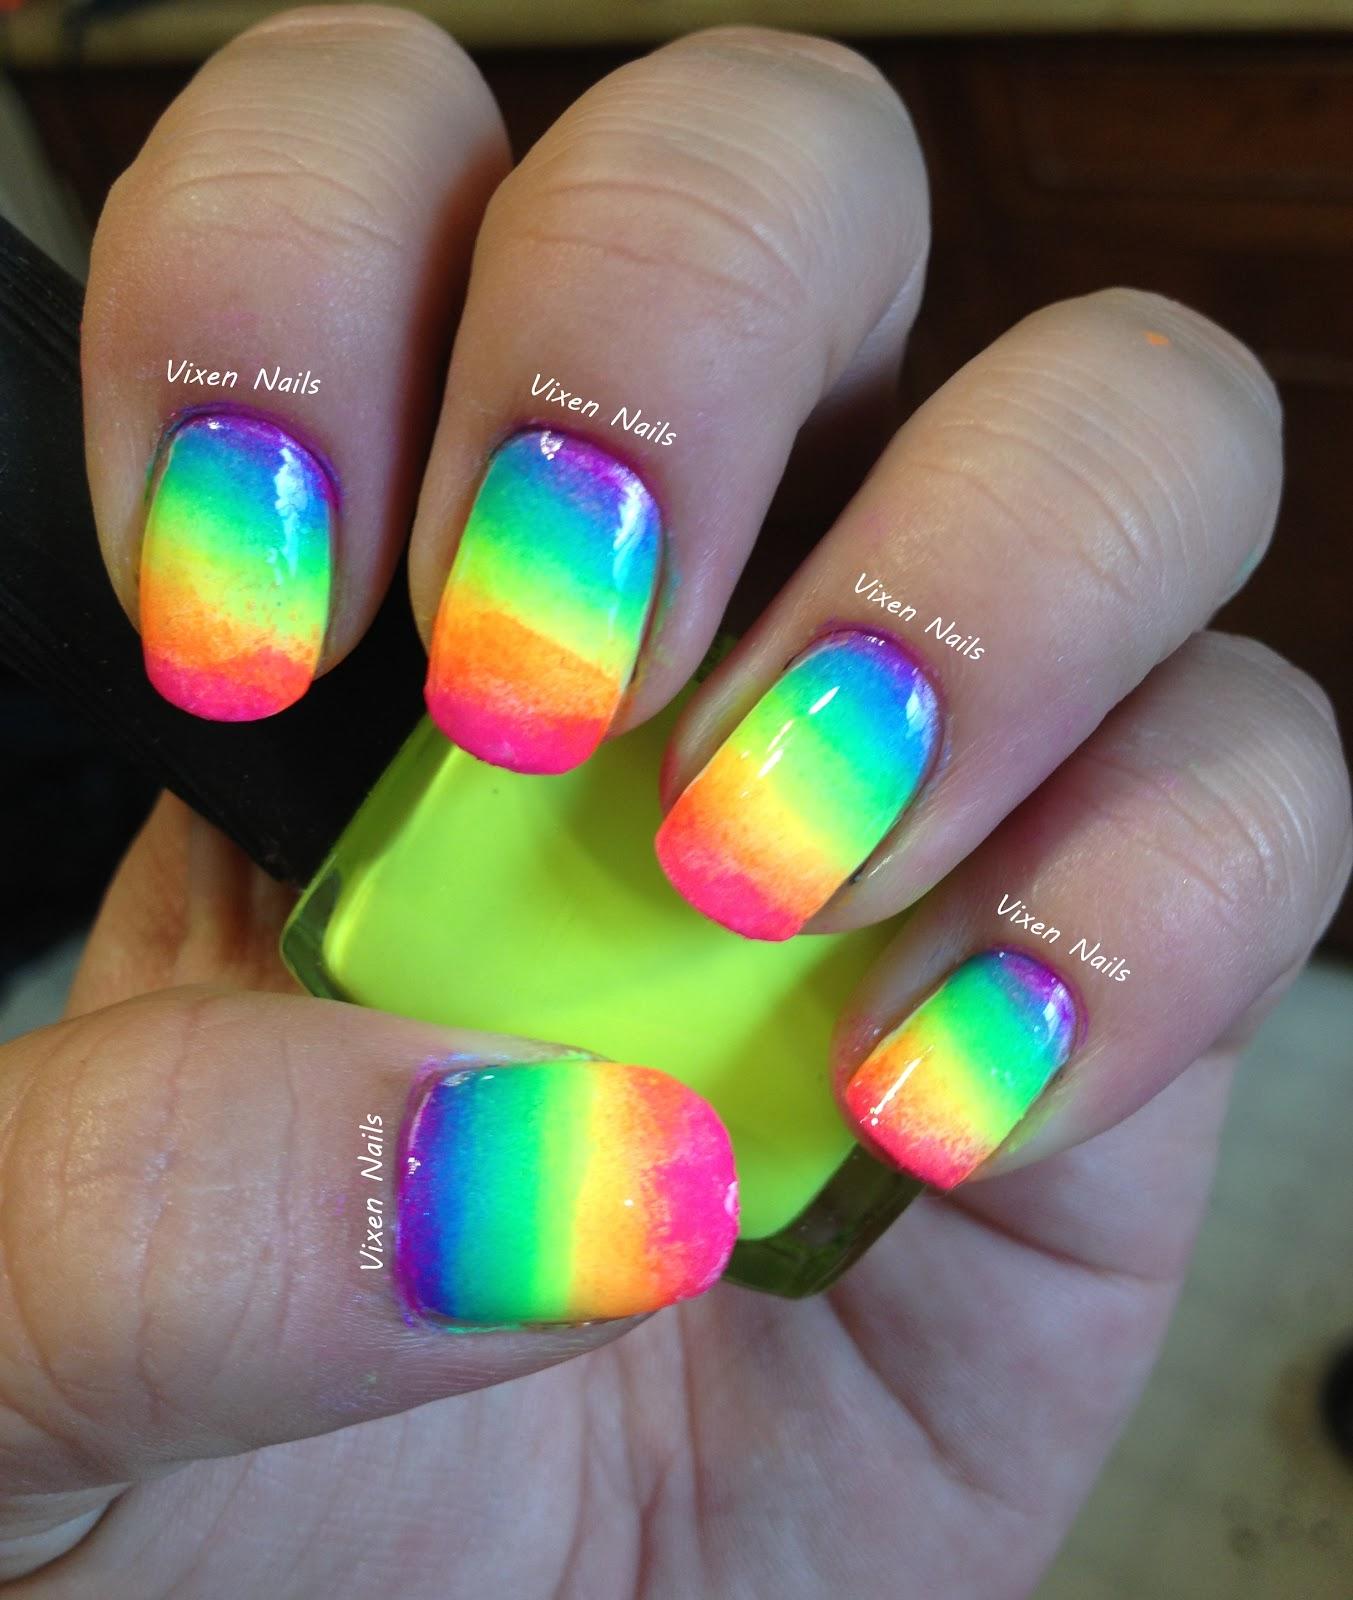 Vixen Nails: Rainbow Ombre Tutorial